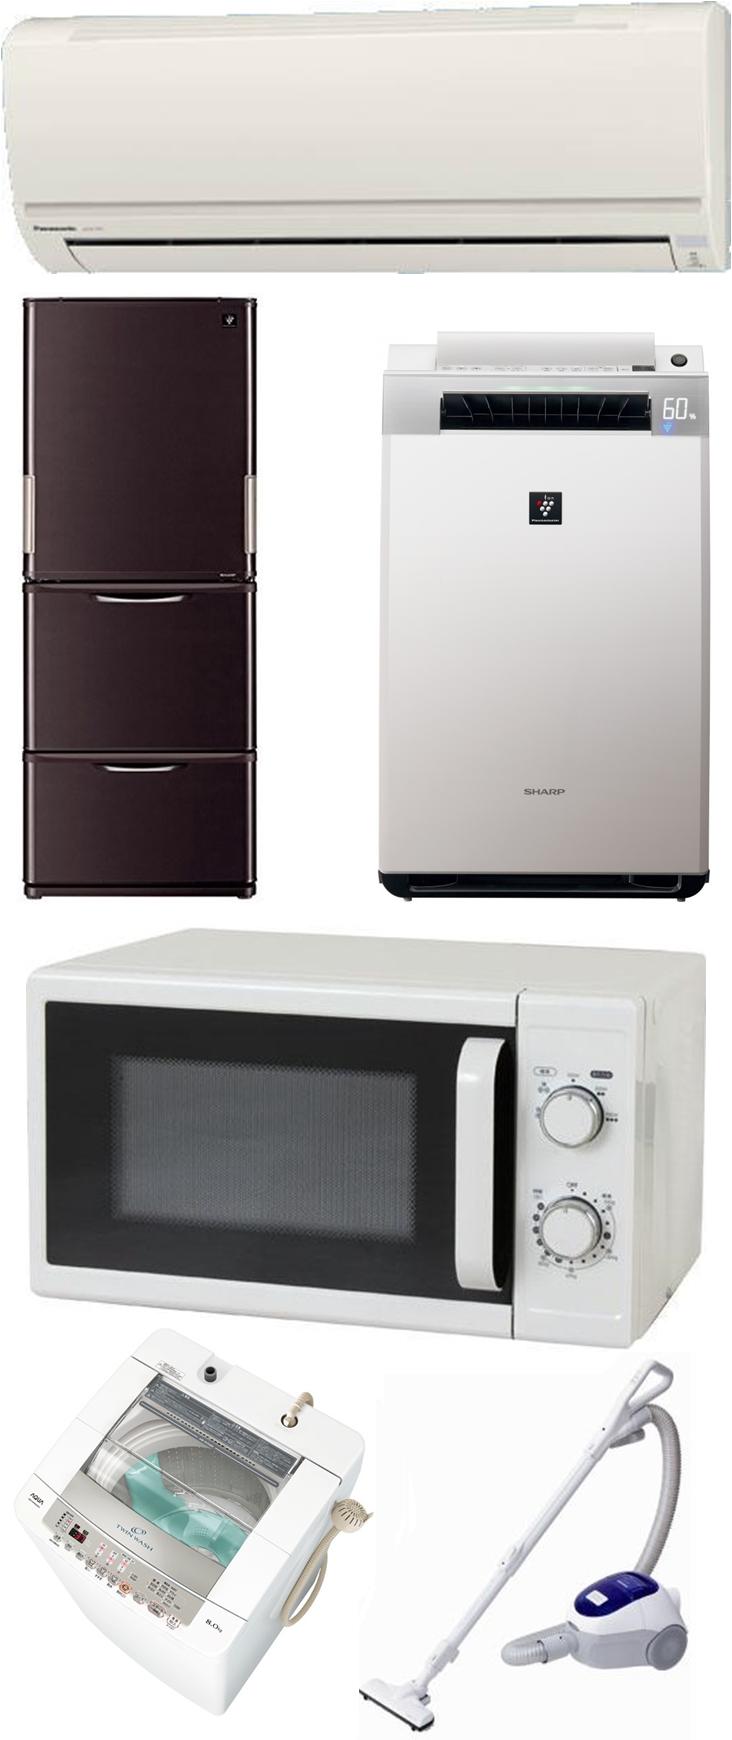 エアコン、冷蔵庫、洗濯機、空気清浄機、掃除機、電子レンジ